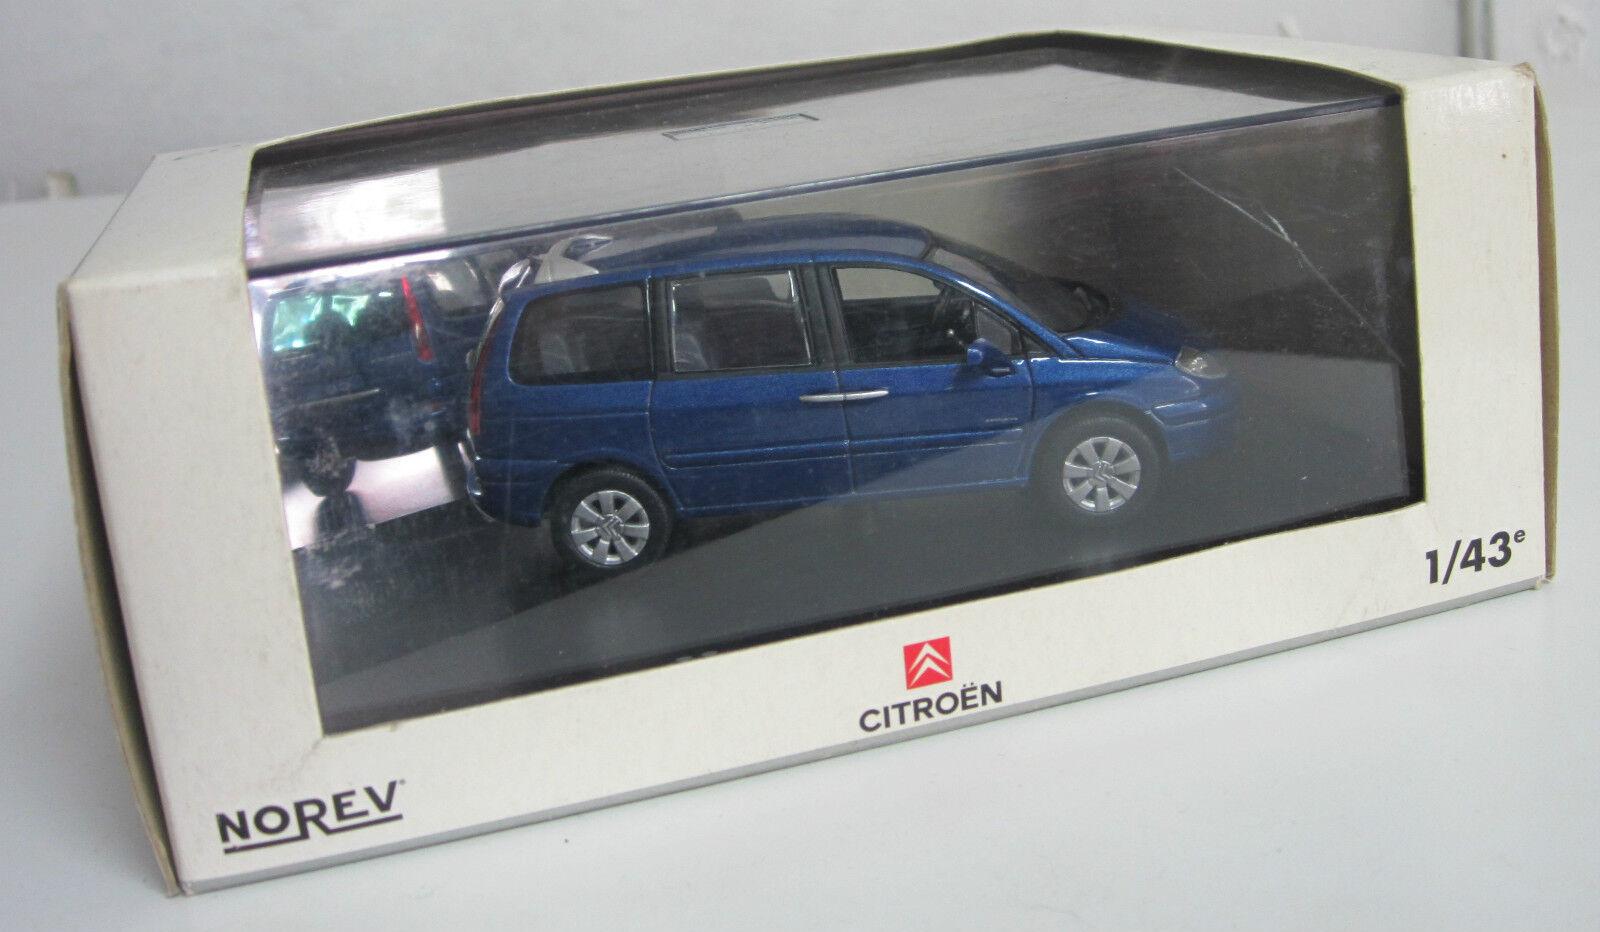 Norev 1 43 Citroën C8 bleu royal neuve en boite